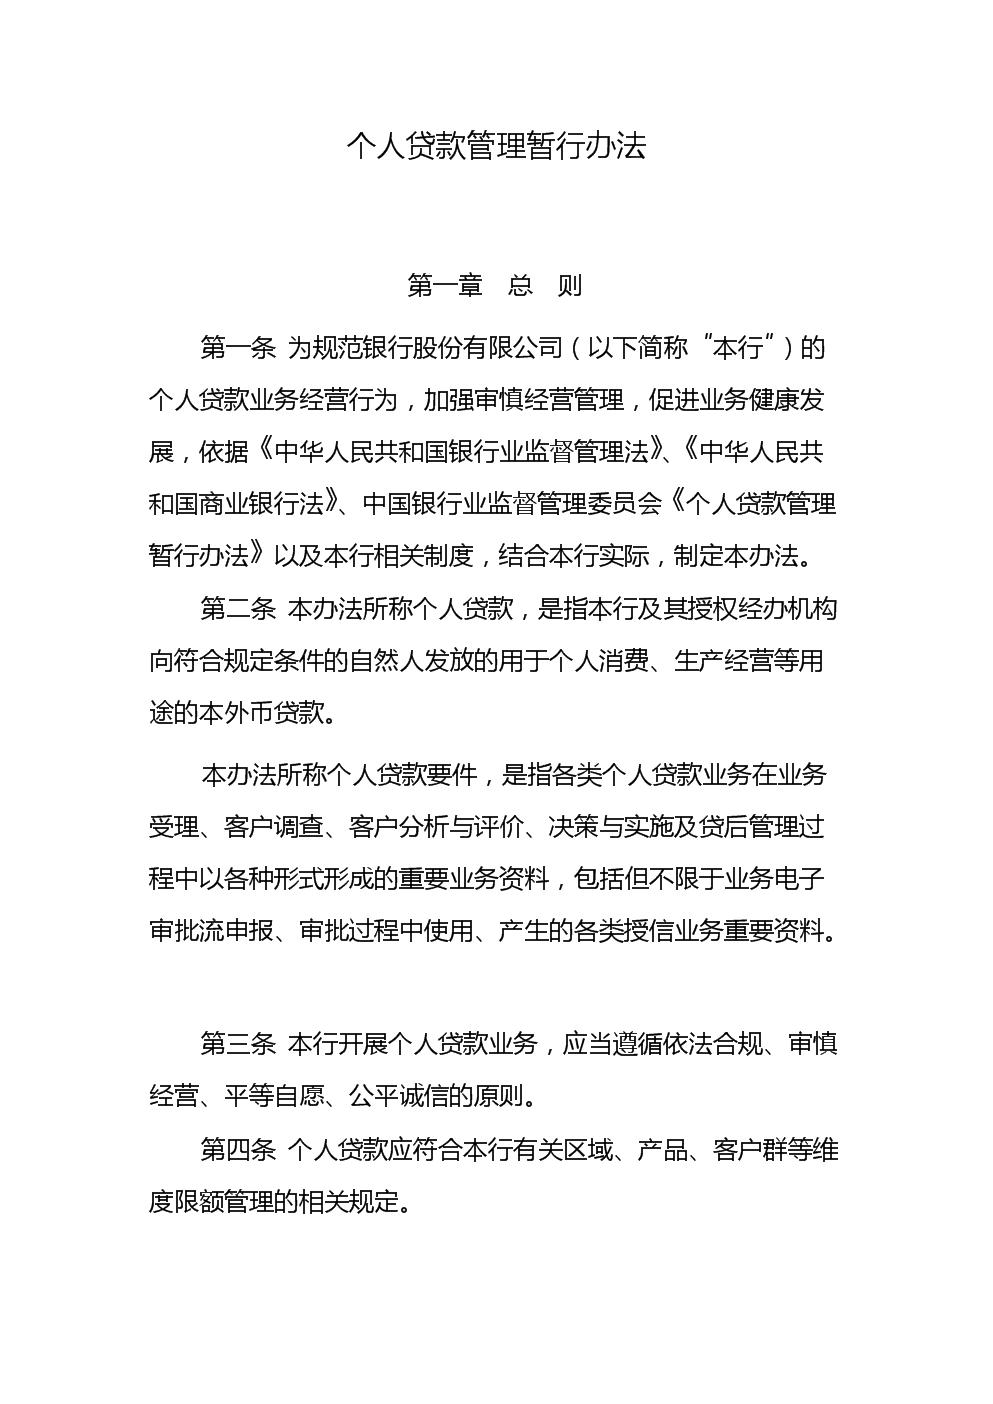 个人贷款管理暂行办法 模版.docx